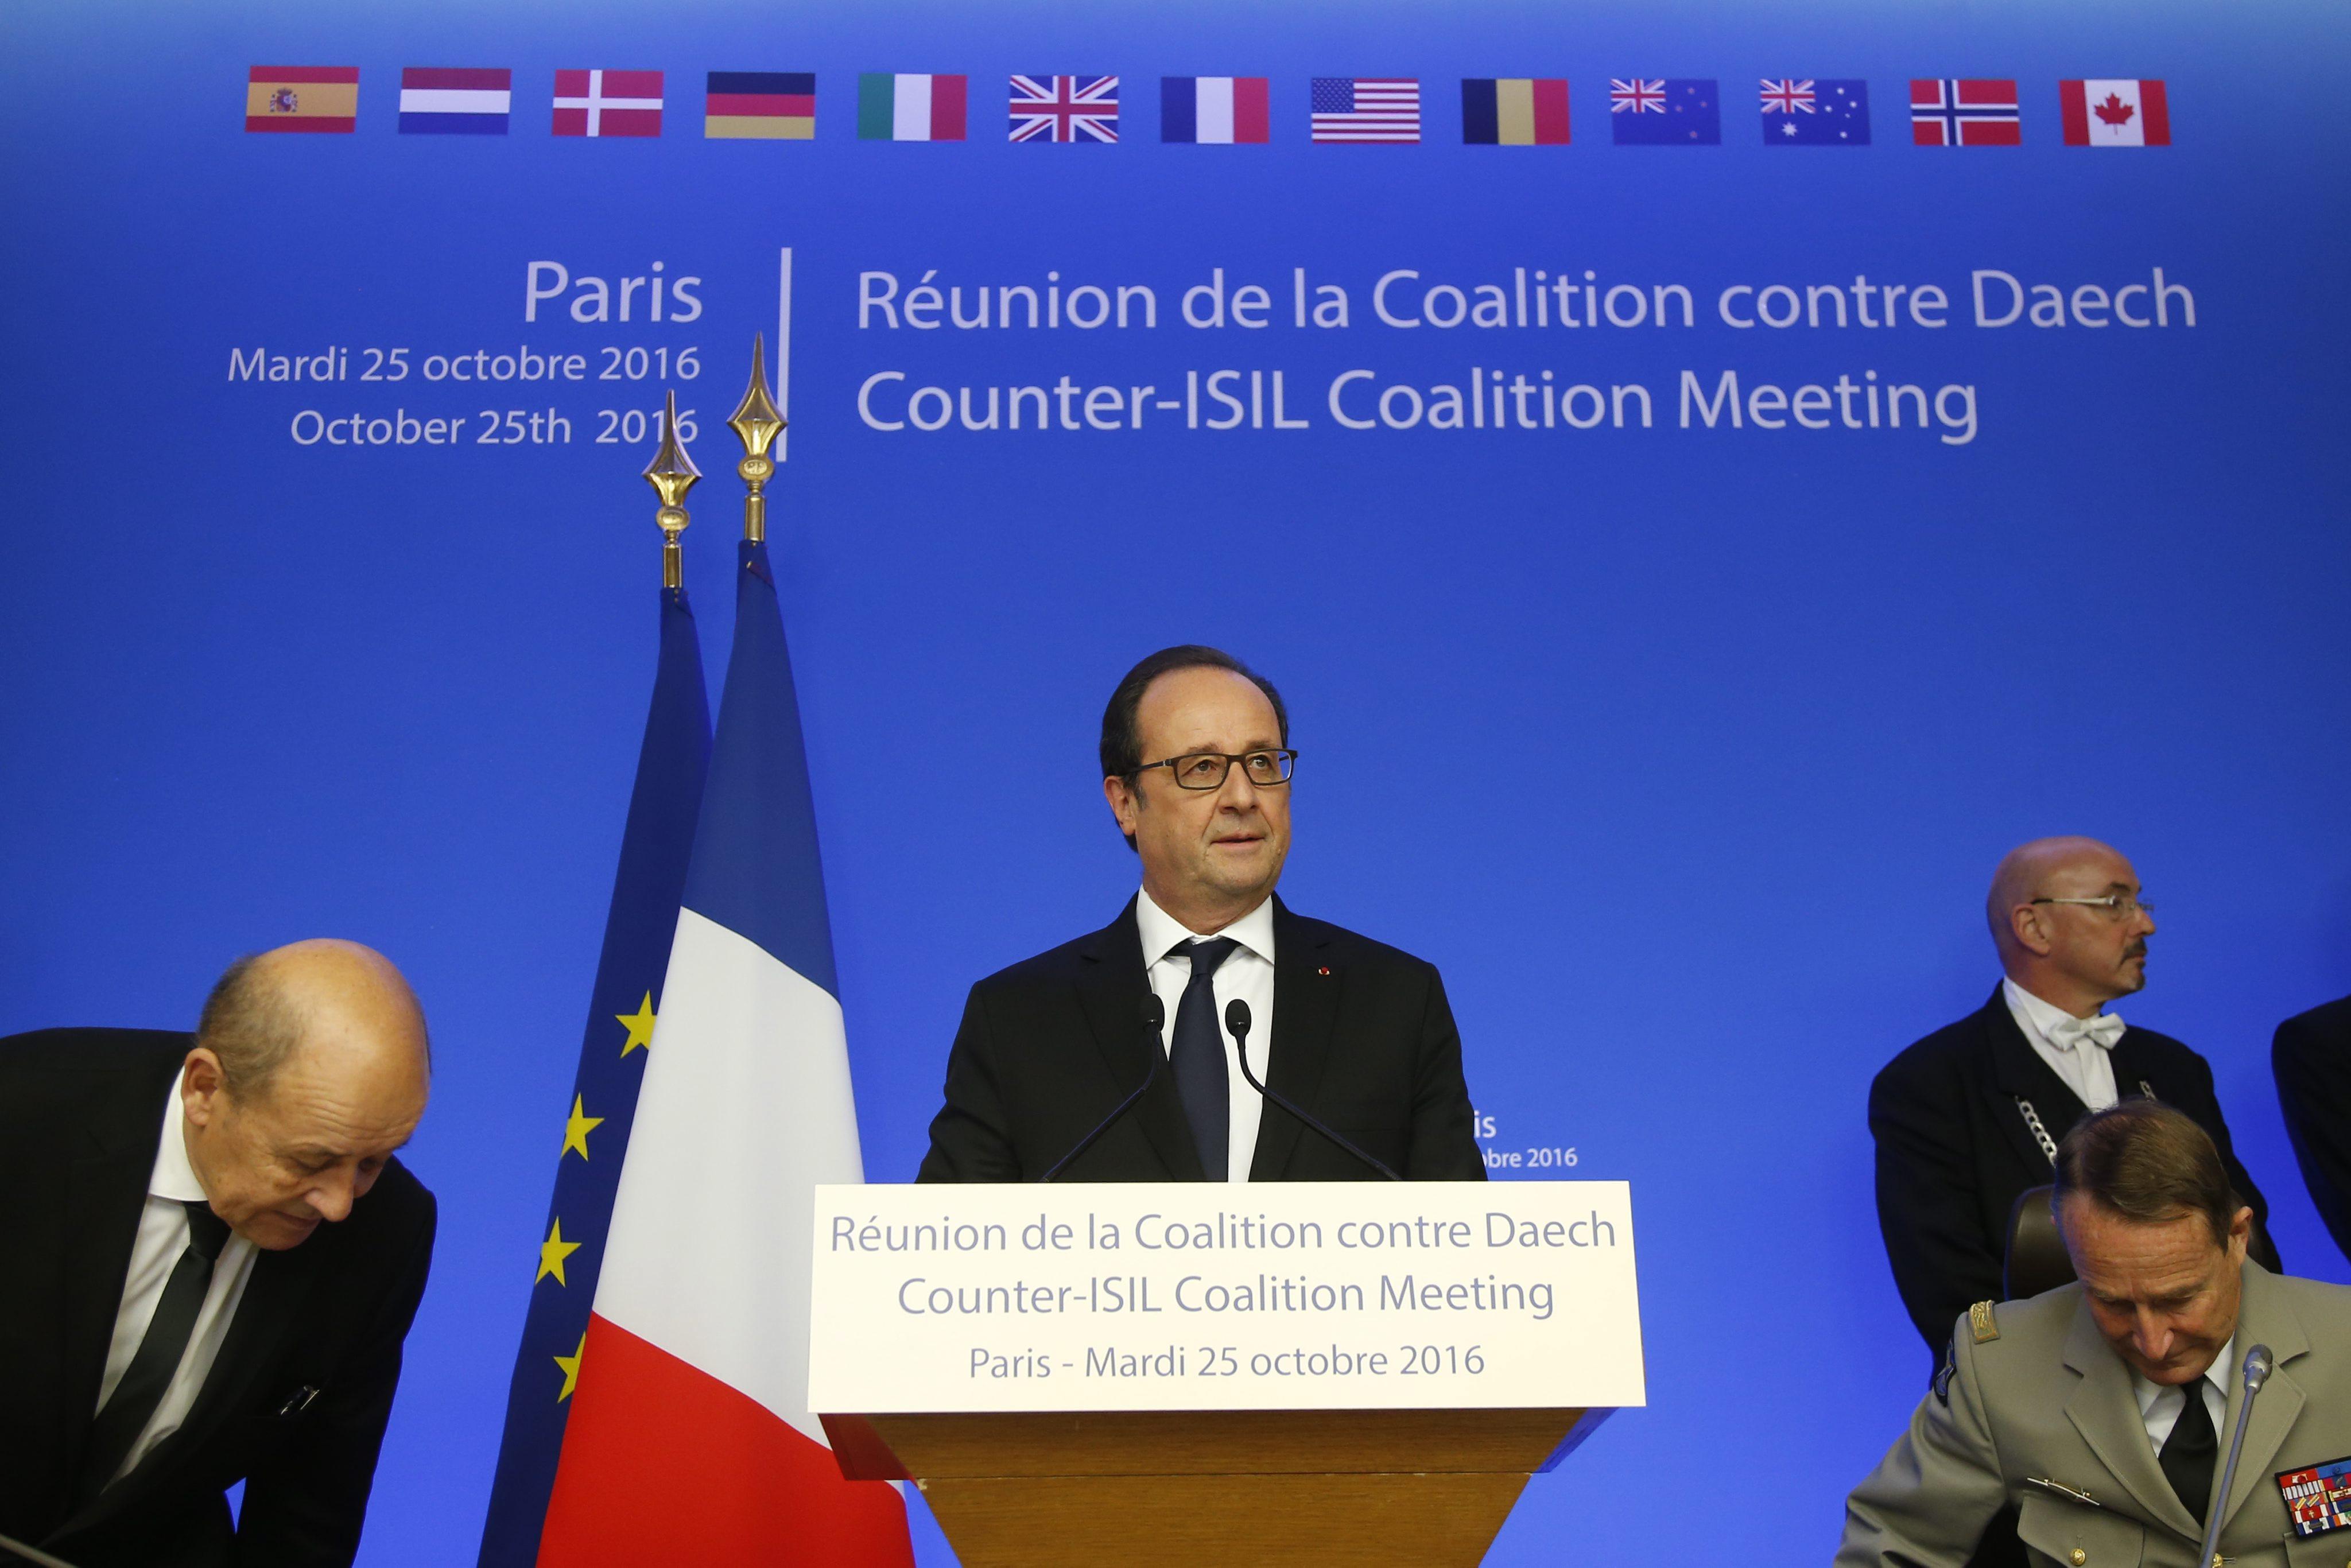 Przemowa prezydenta Francois Hollande na rozpoczęcie spotkania przeciwko działąniom Państwa Islamskiego w Syrii. fot. EPA/CHARLES PLATIAU/POOL MAXPPP OUT